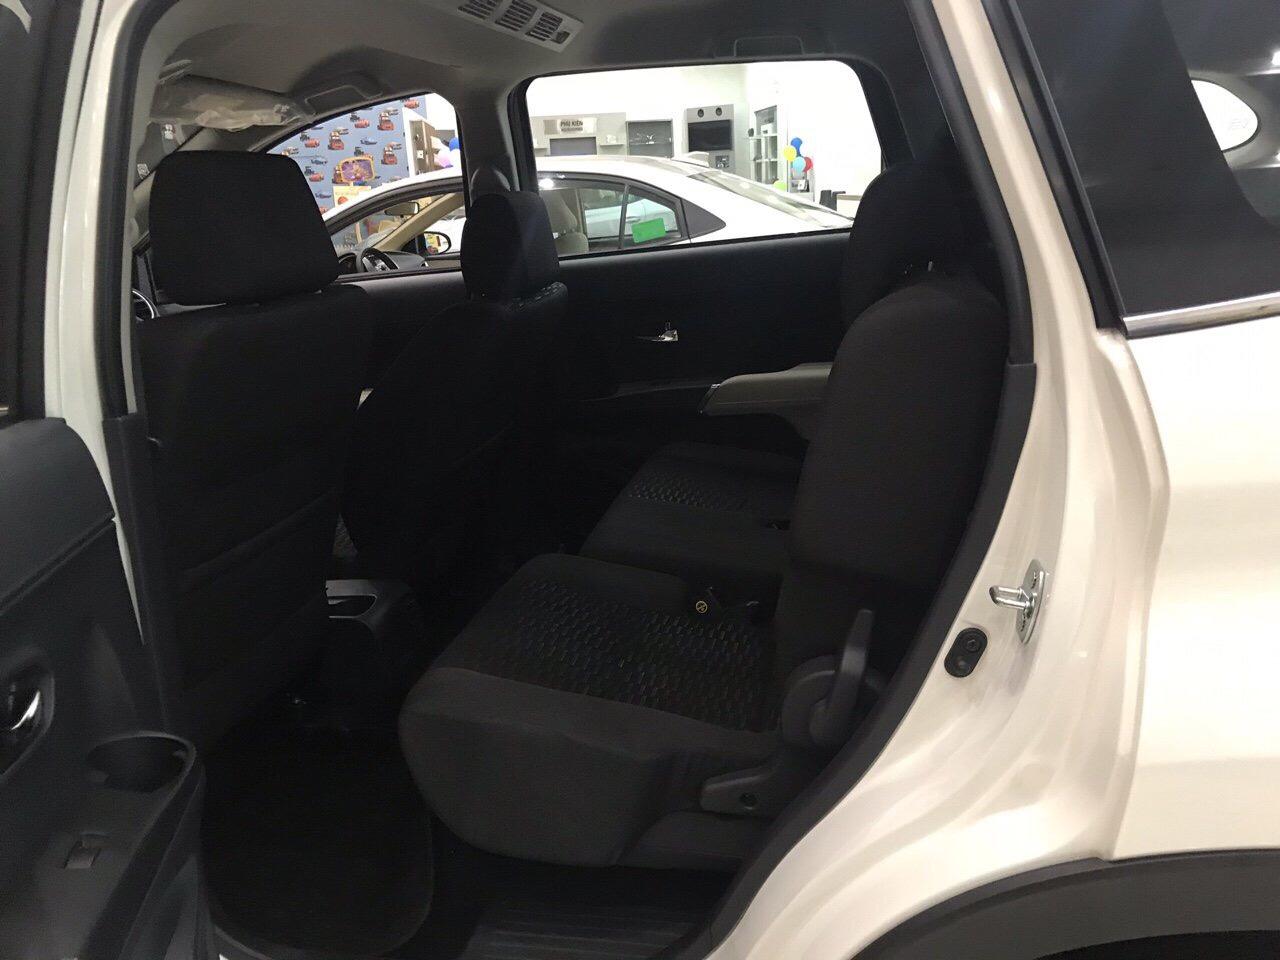 Toyota Rush màu trắng ảnh 2 - Toyota Rush: giá xe và khuyến mãi tháng [hienthithang]